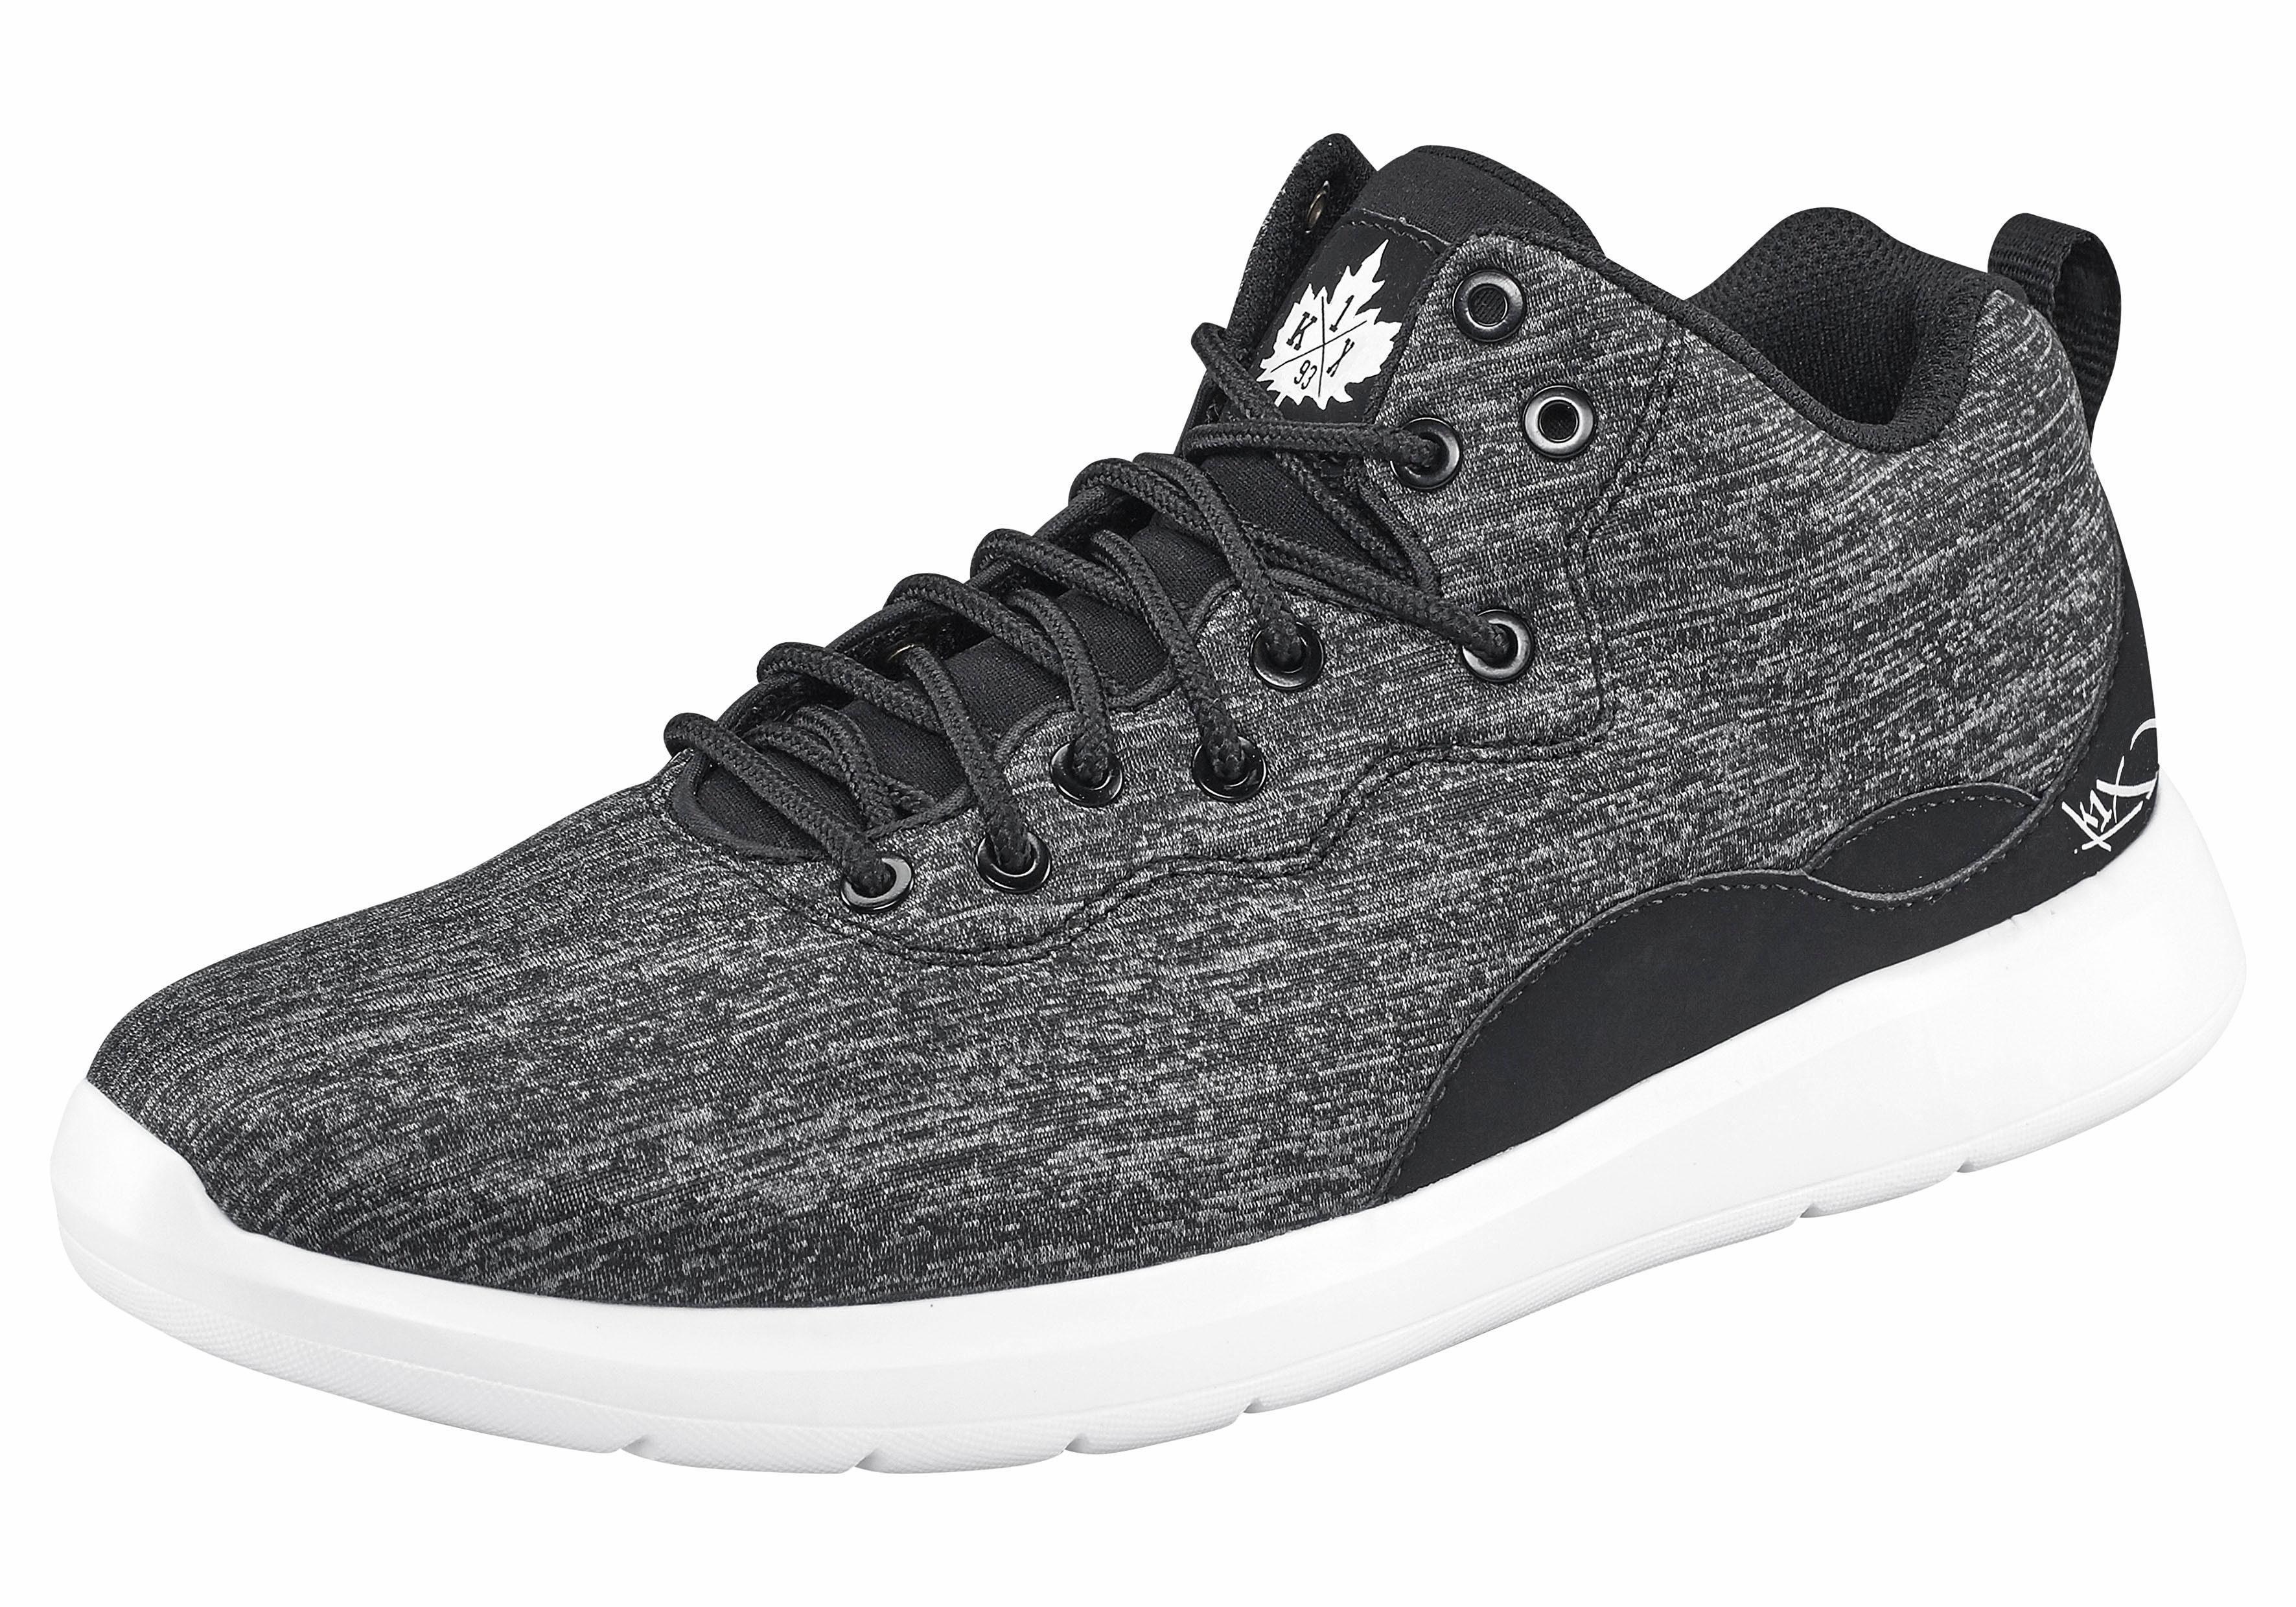 Chaussures De Sport Noires Tachetées (40,41,42,43,44,45,46)